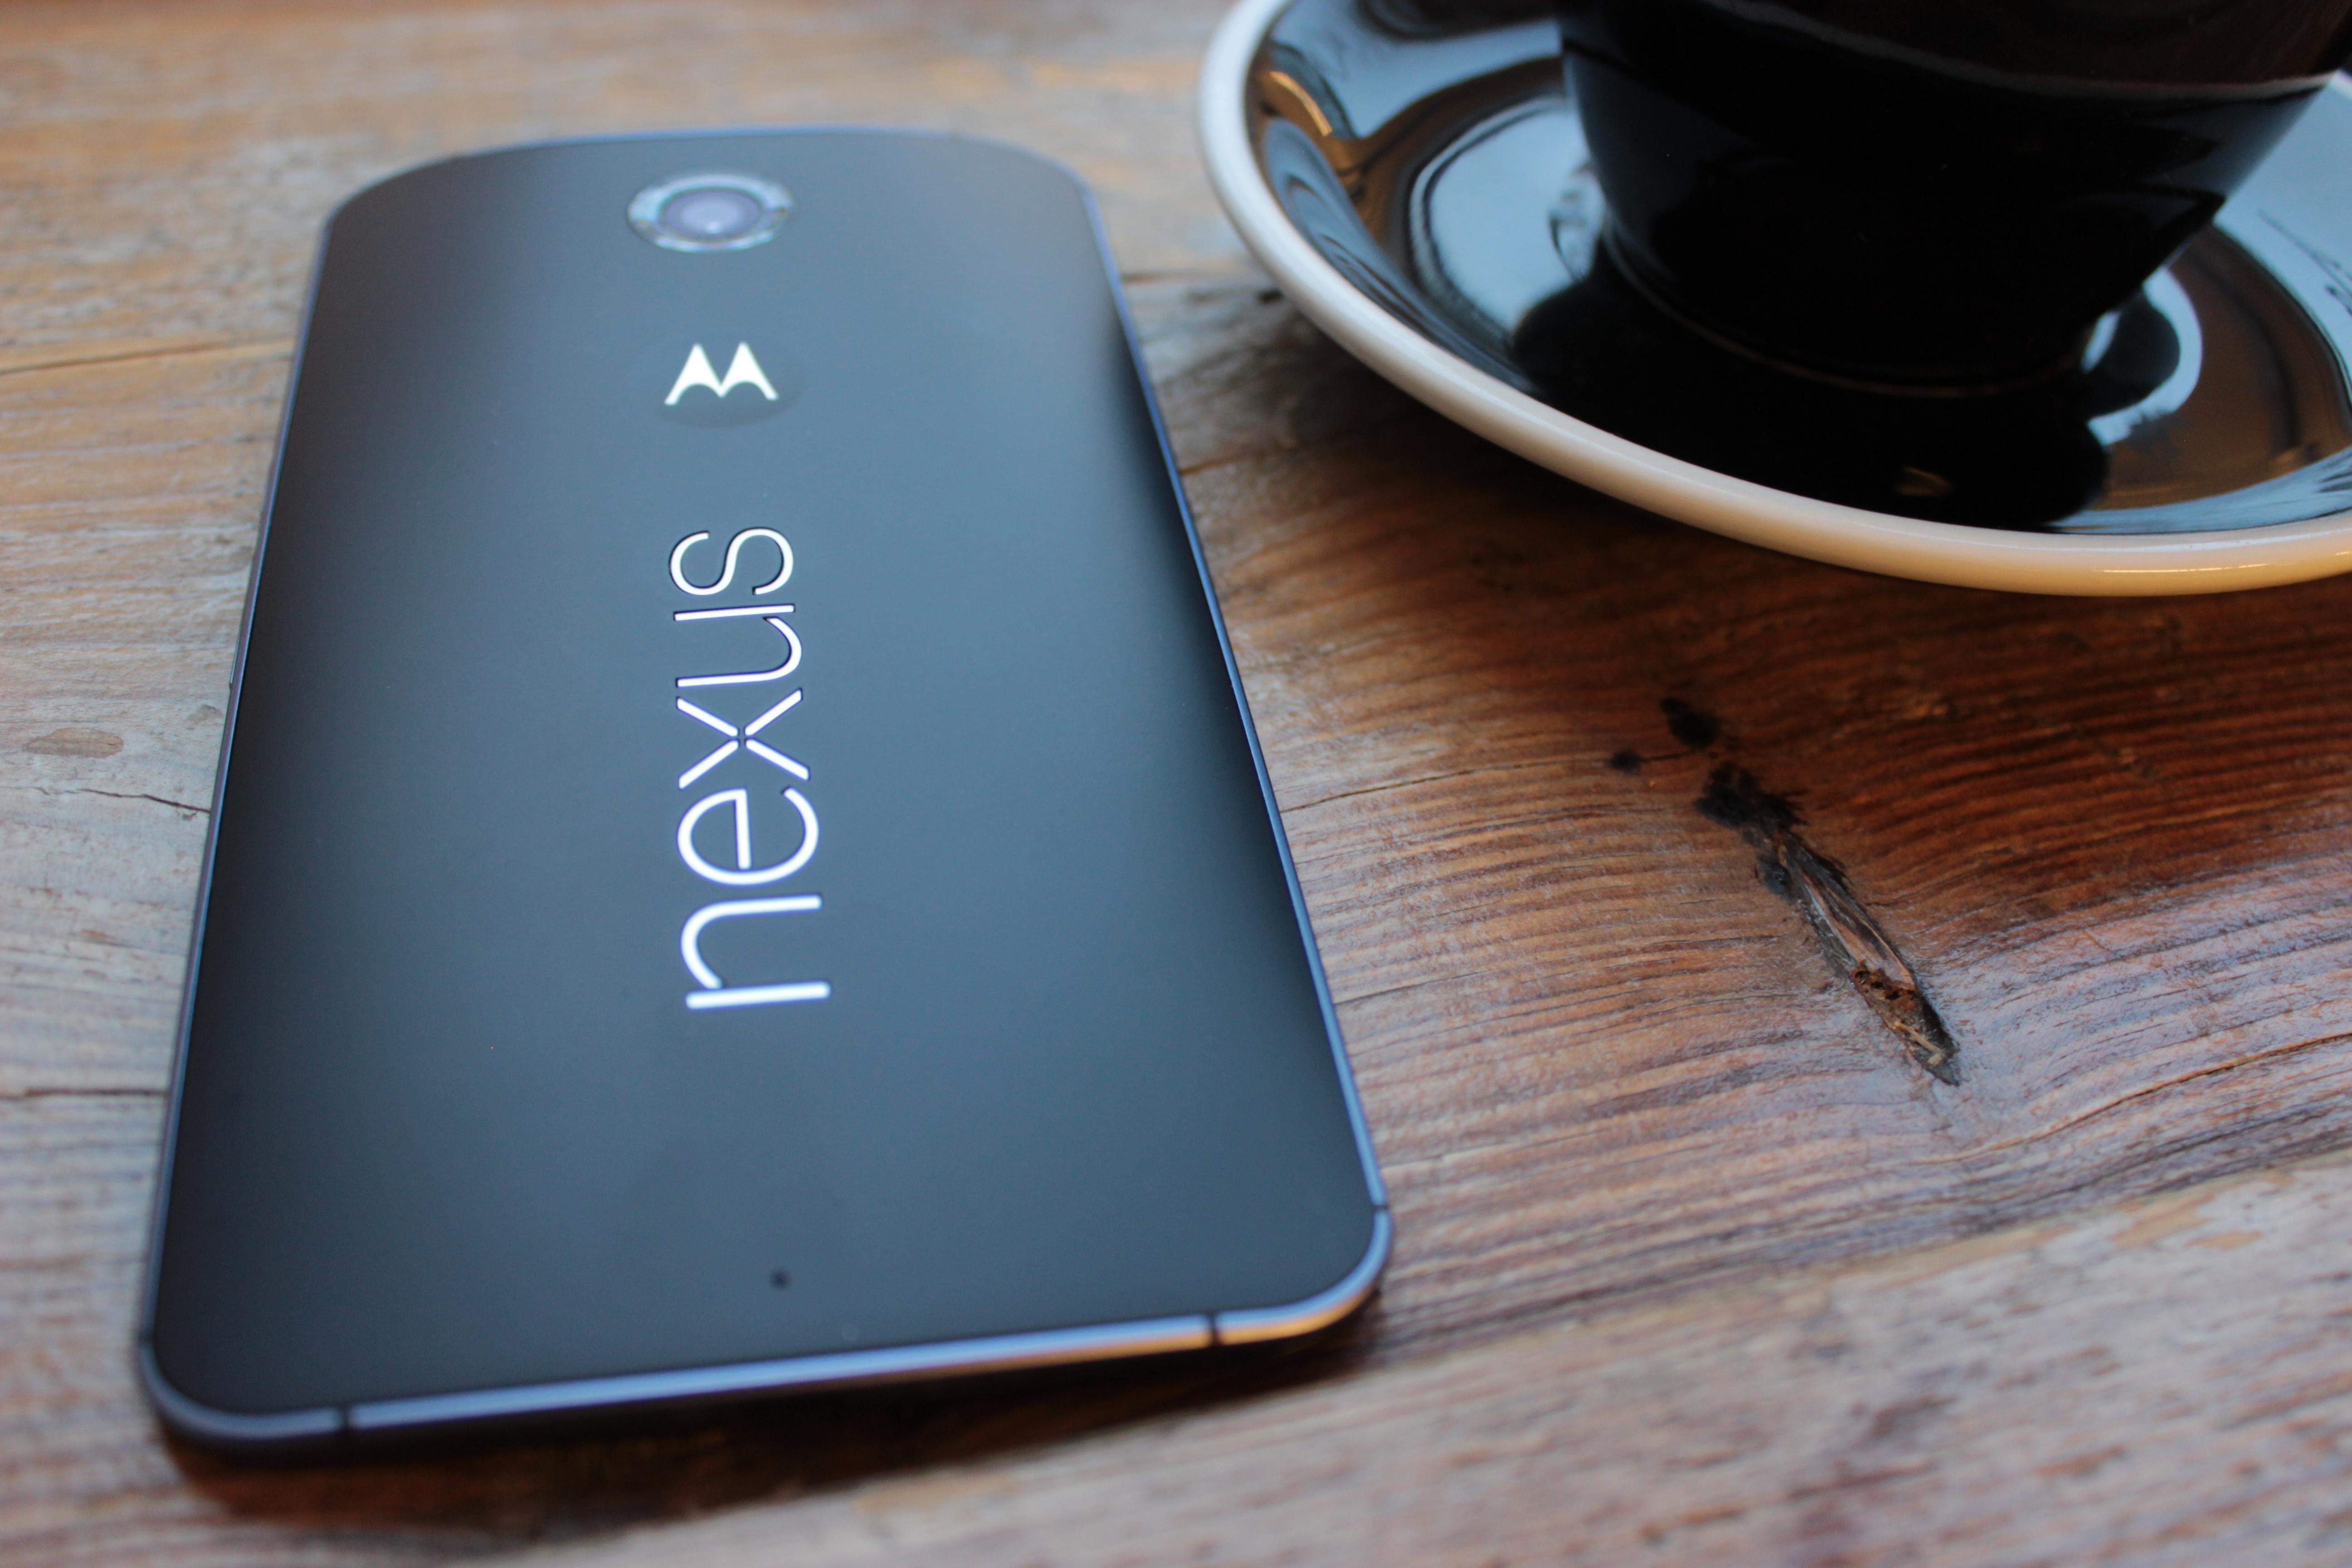 Galaxy S6 Sd Karte.Samsung Galaxy S6 Warum Der Wegfall Des Microsd Kartenslots Die